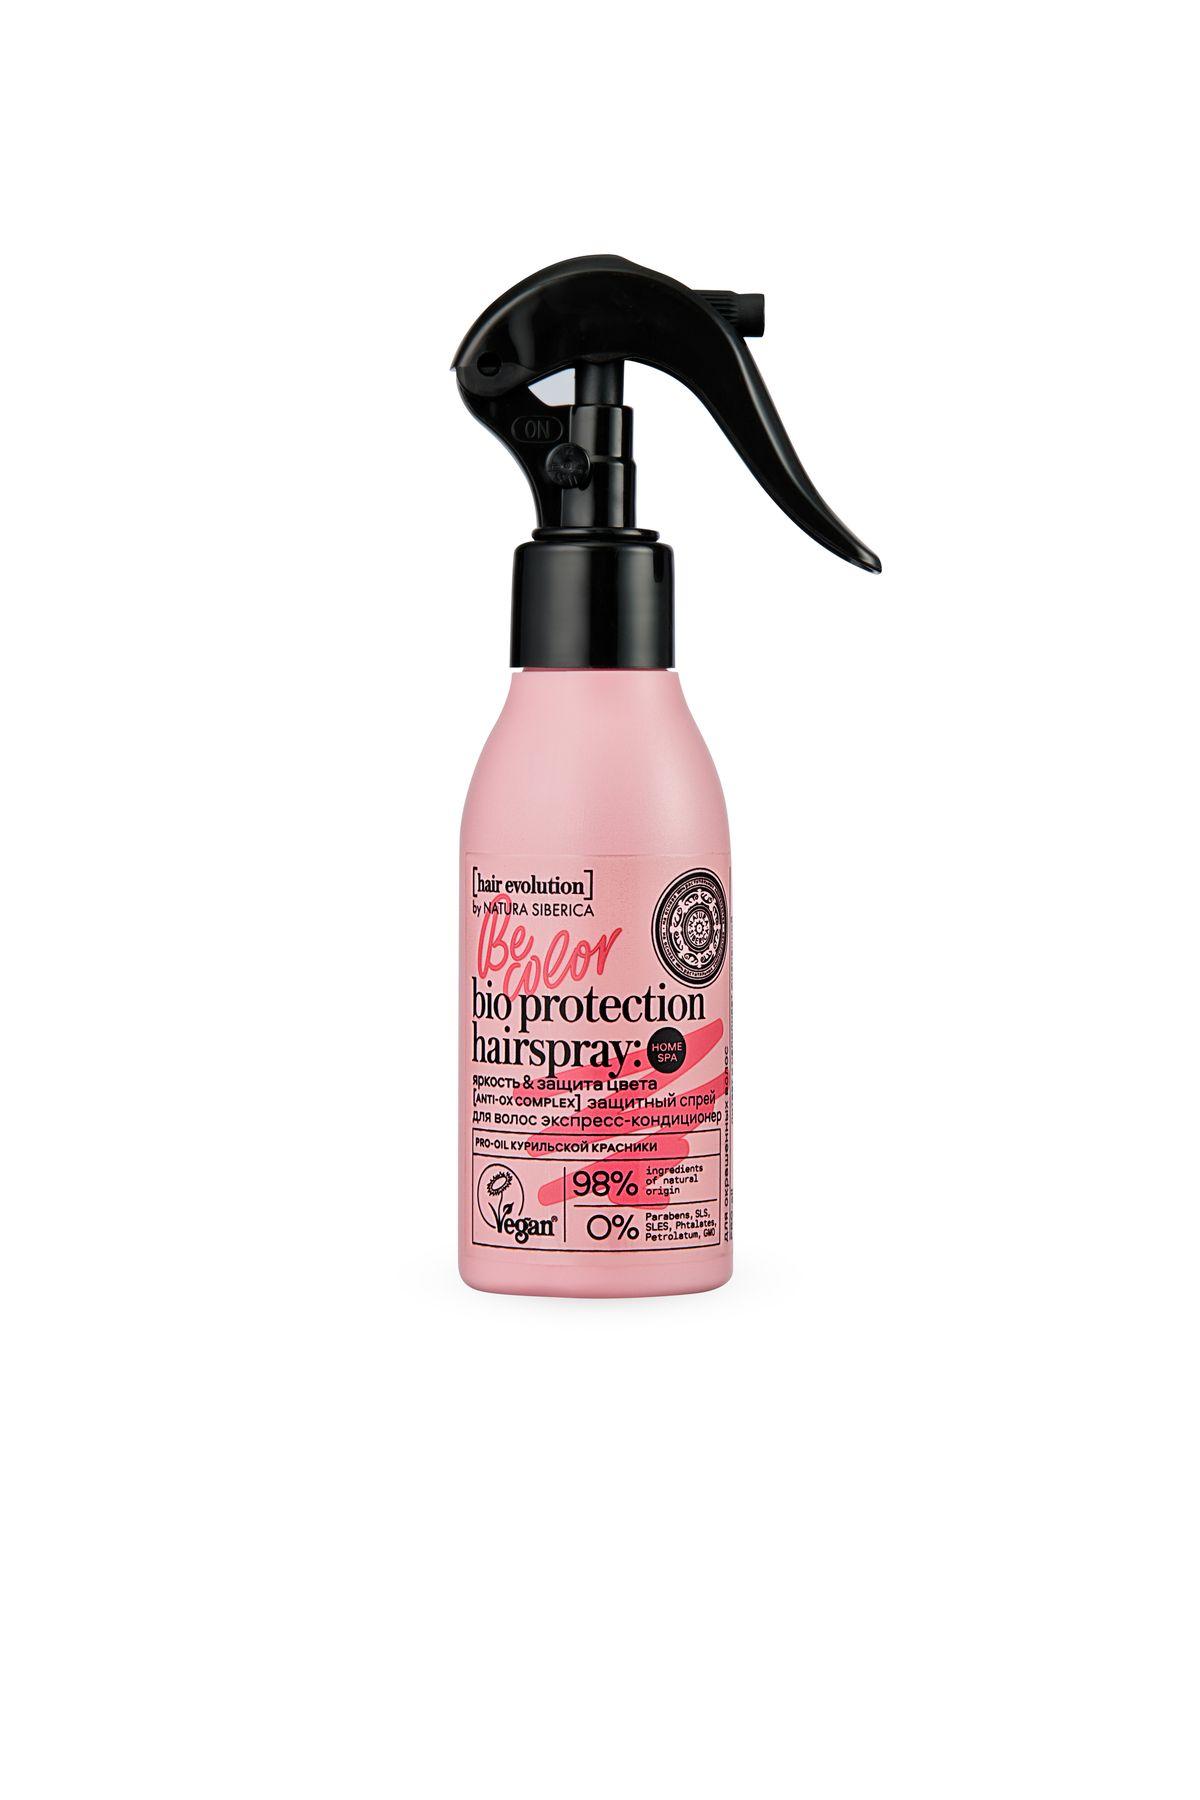 Купить Natura Siberica Hair Evolution Защитный спрей-кондиционер для волос BE-COLOR. Яркость & защита цвета , 120 мл (shop: Organic-shops Organic shops)